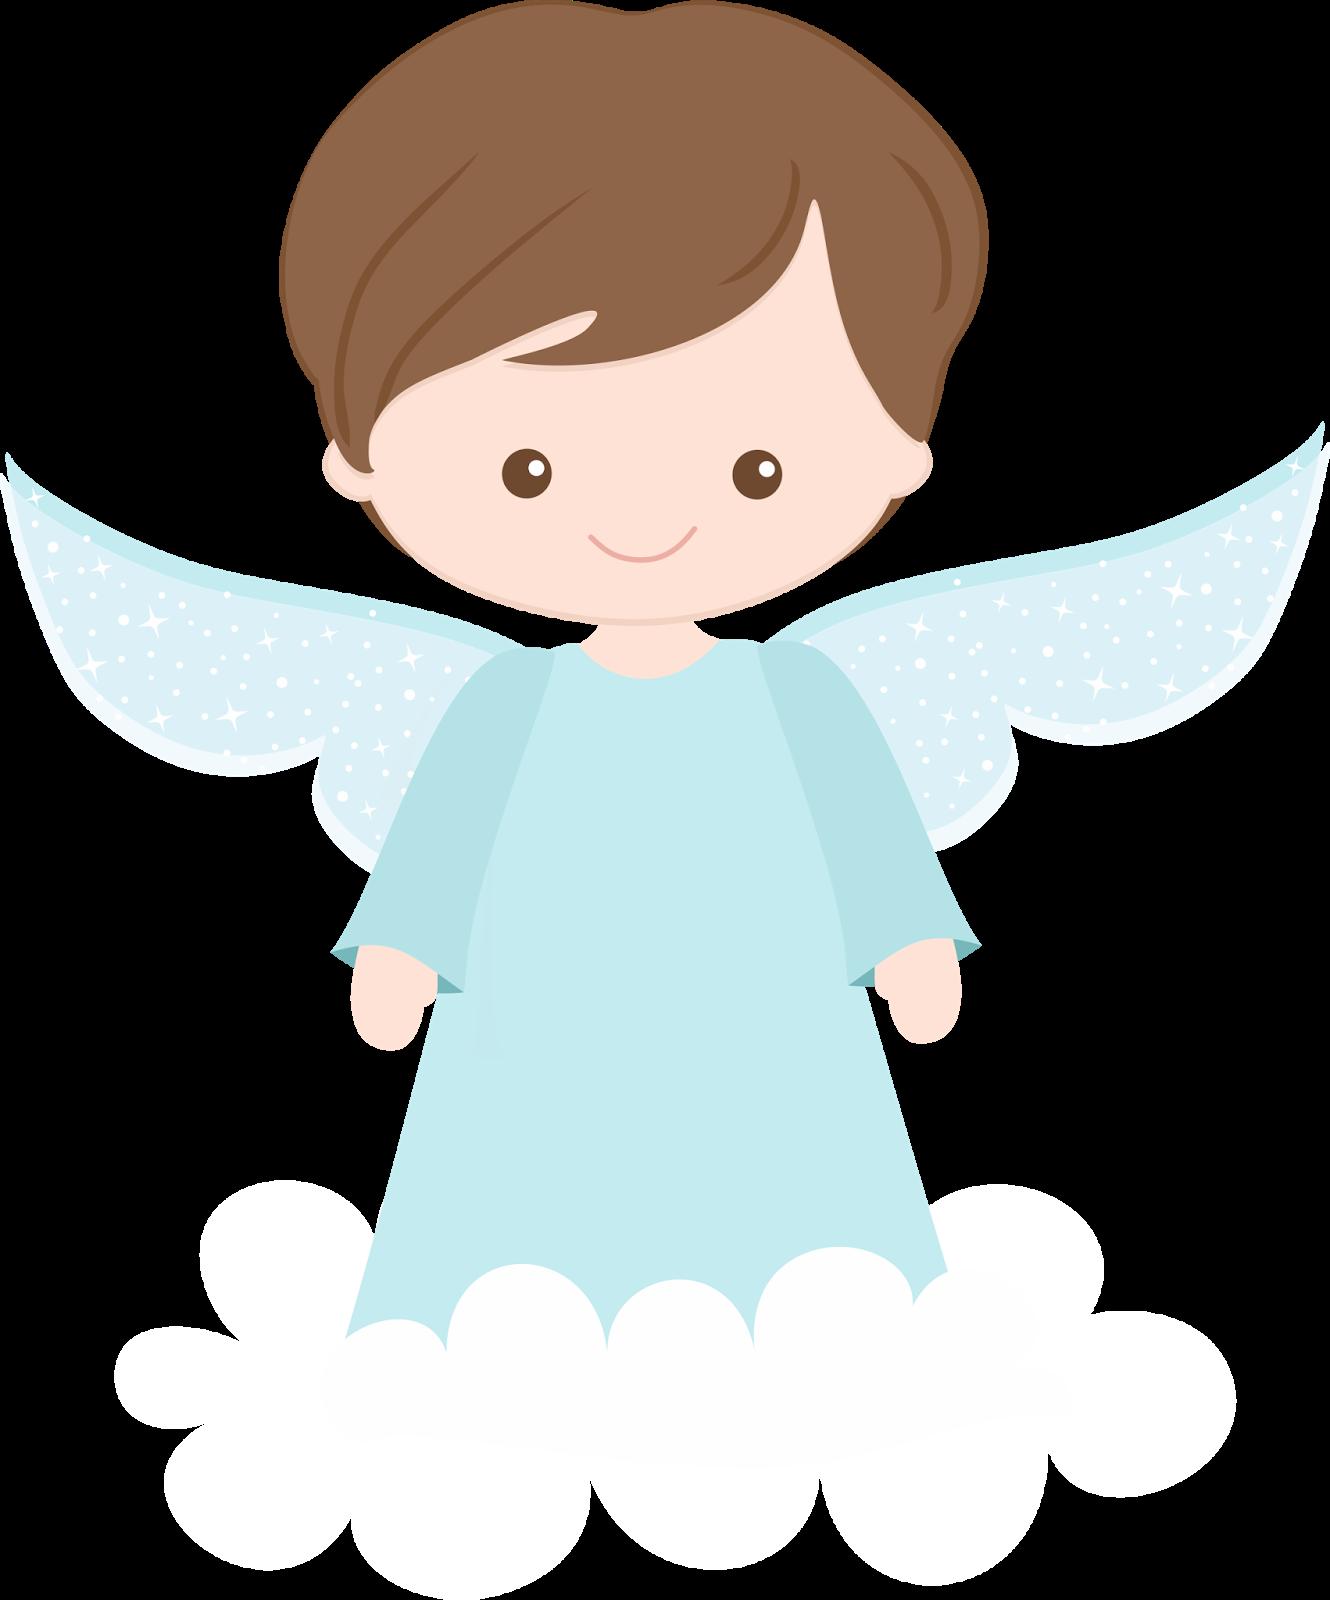 Angel biblical